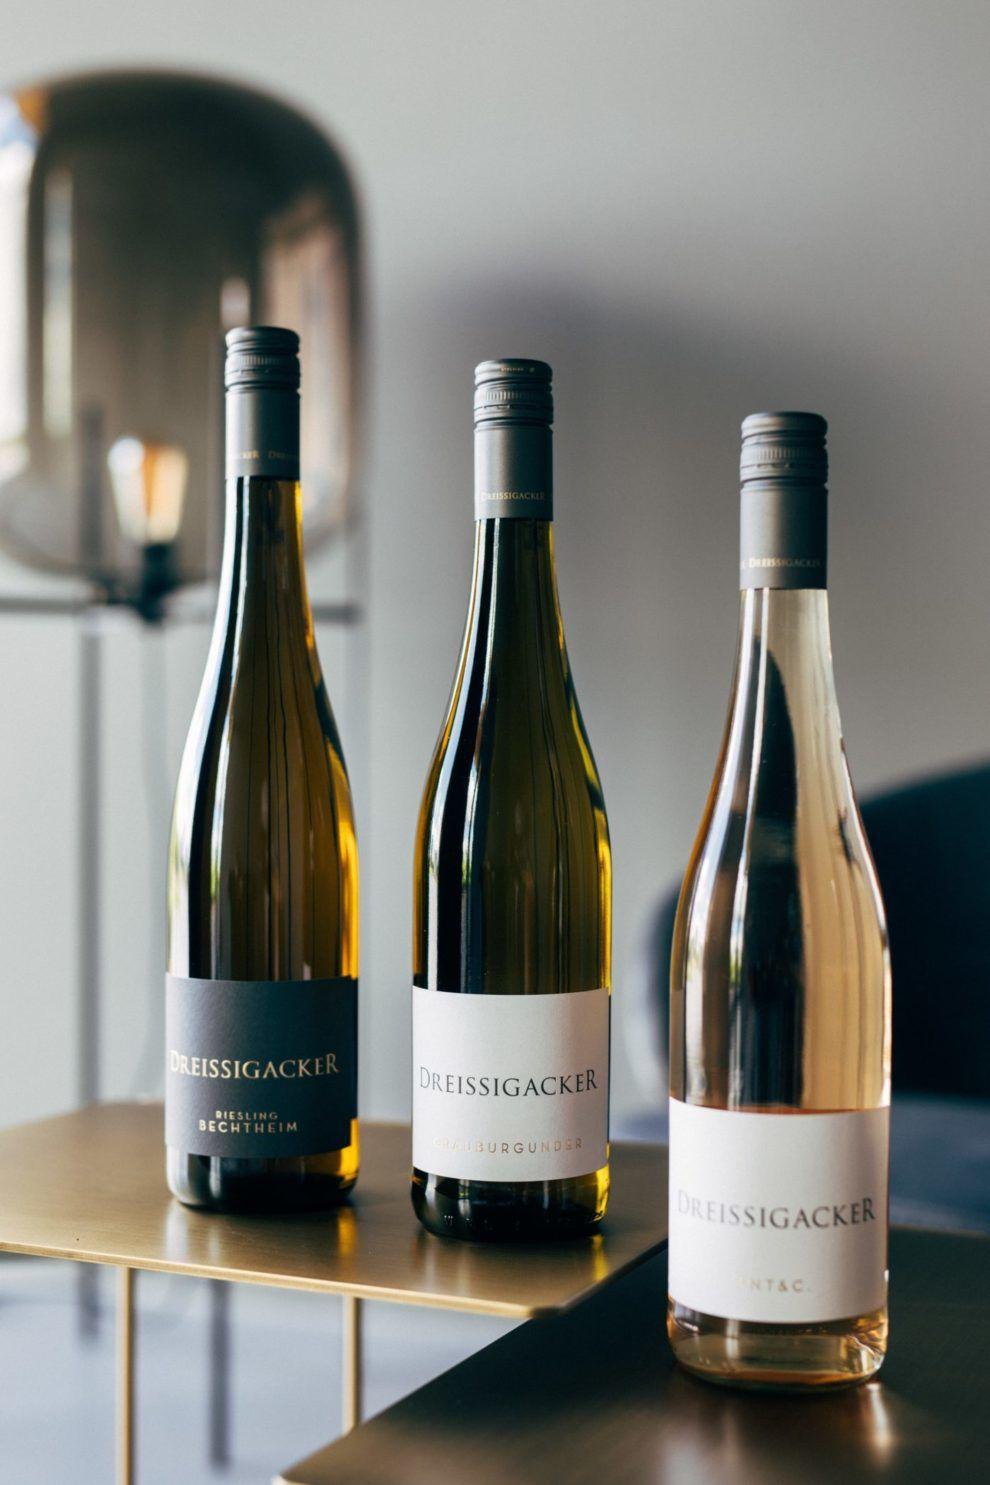 Dreissigacker Vine